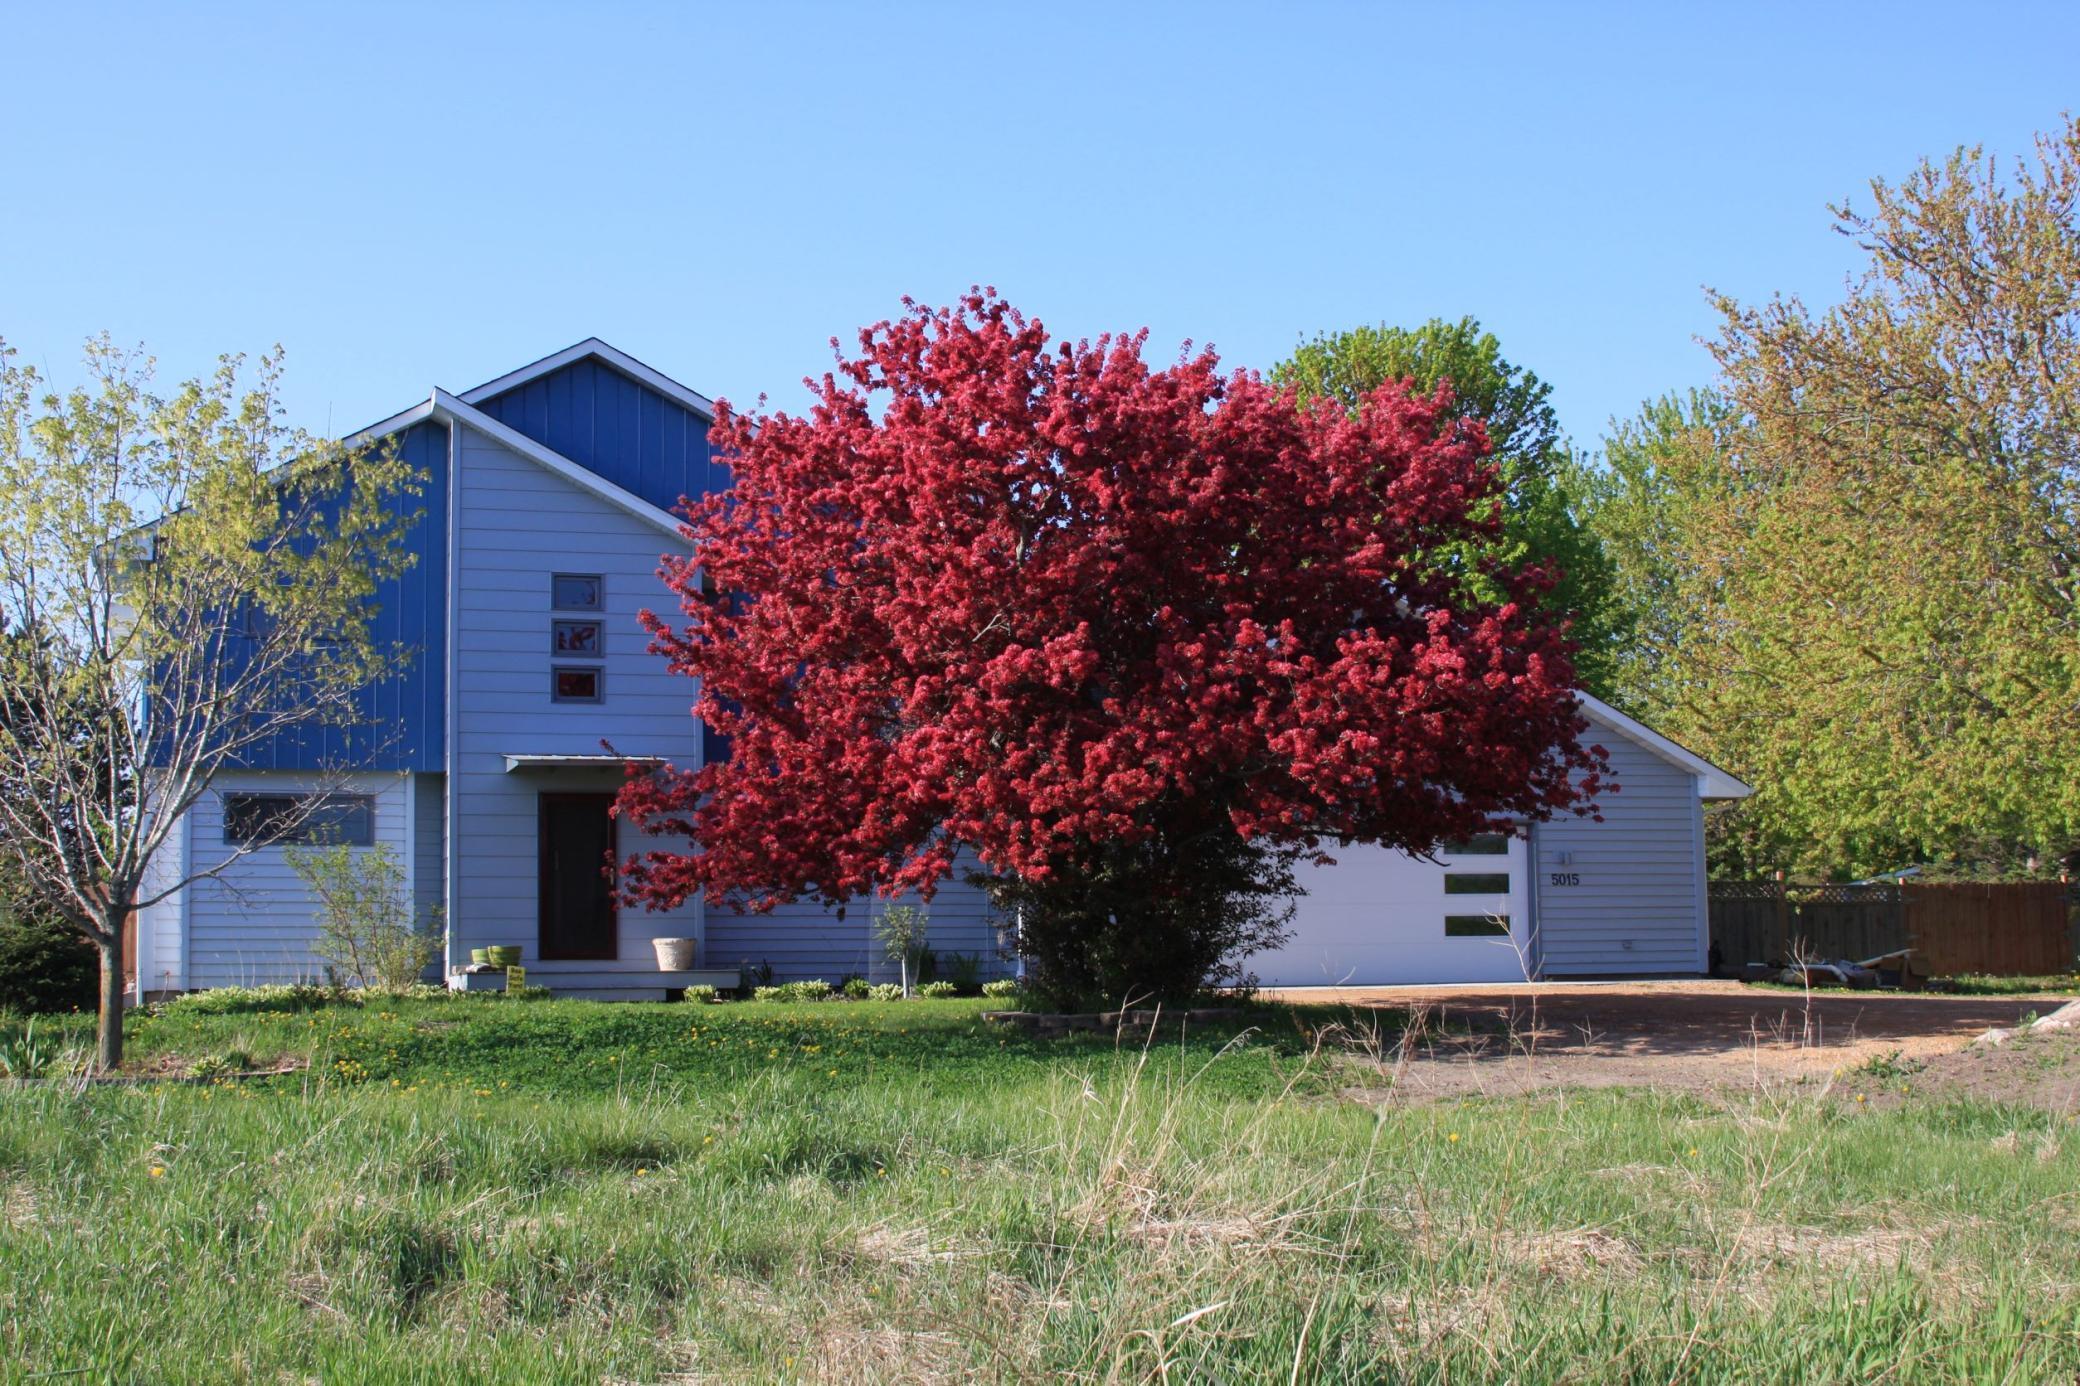 5015 County Road 19, Minnetrista, MN 55359